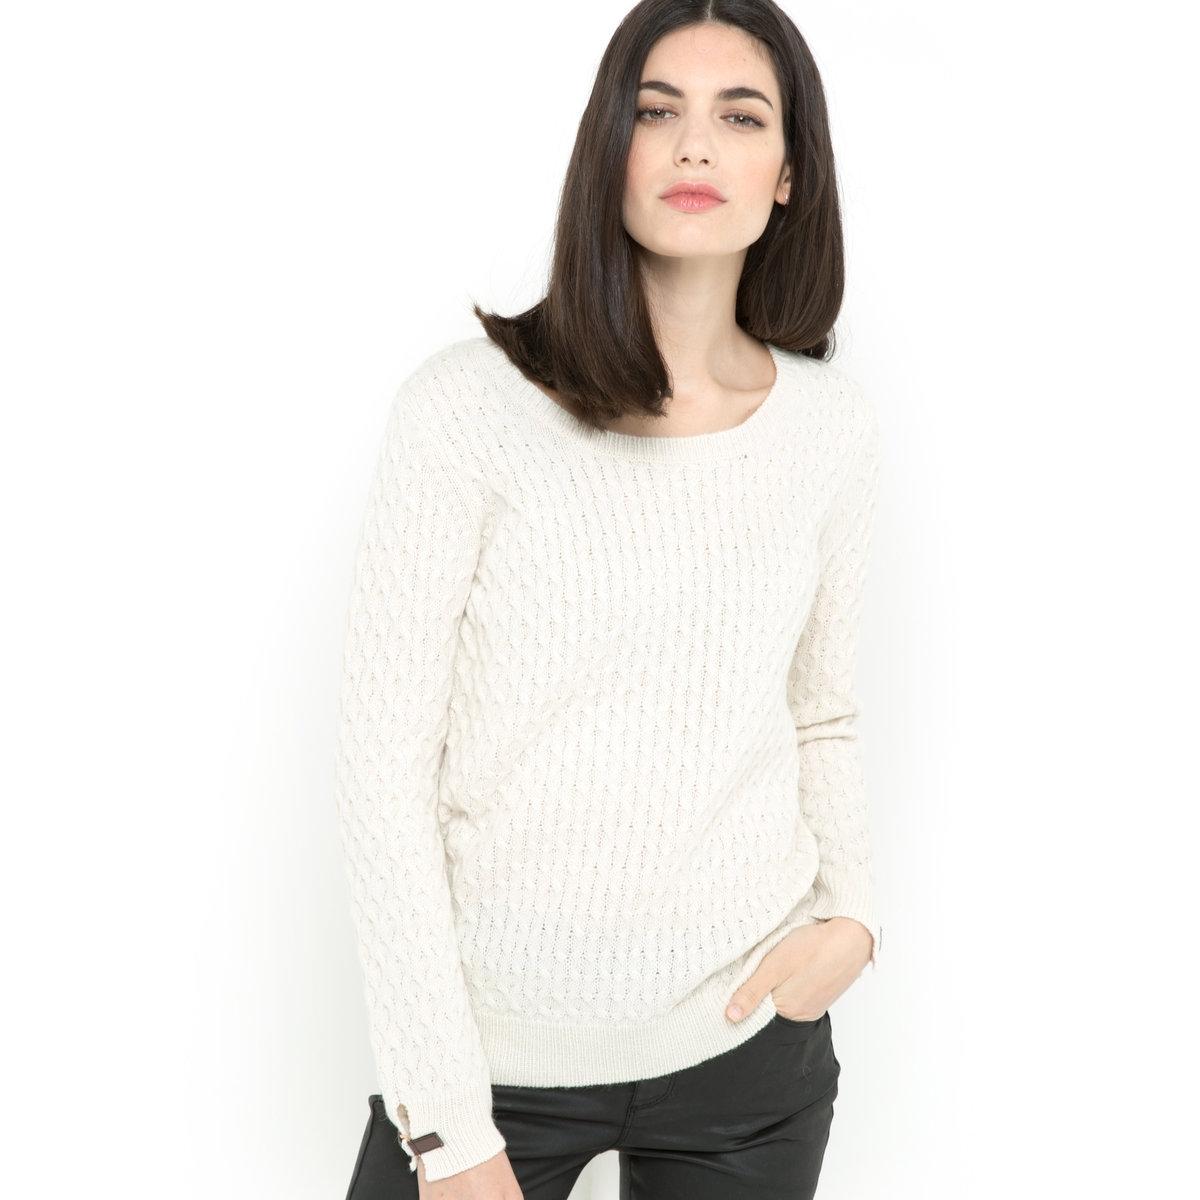 Пуловер с узором косыПуловер: 40% шерсти, 30% альпаки, 30% акрила. Круглый вырез. Длинные рукава. Планка из искусственной кожи с золотистой металлической пряжкой на рукаве. Края выреза, манжет и низа связаны в рубчик. Длина 64 см.<br><br>Цвет: экрю